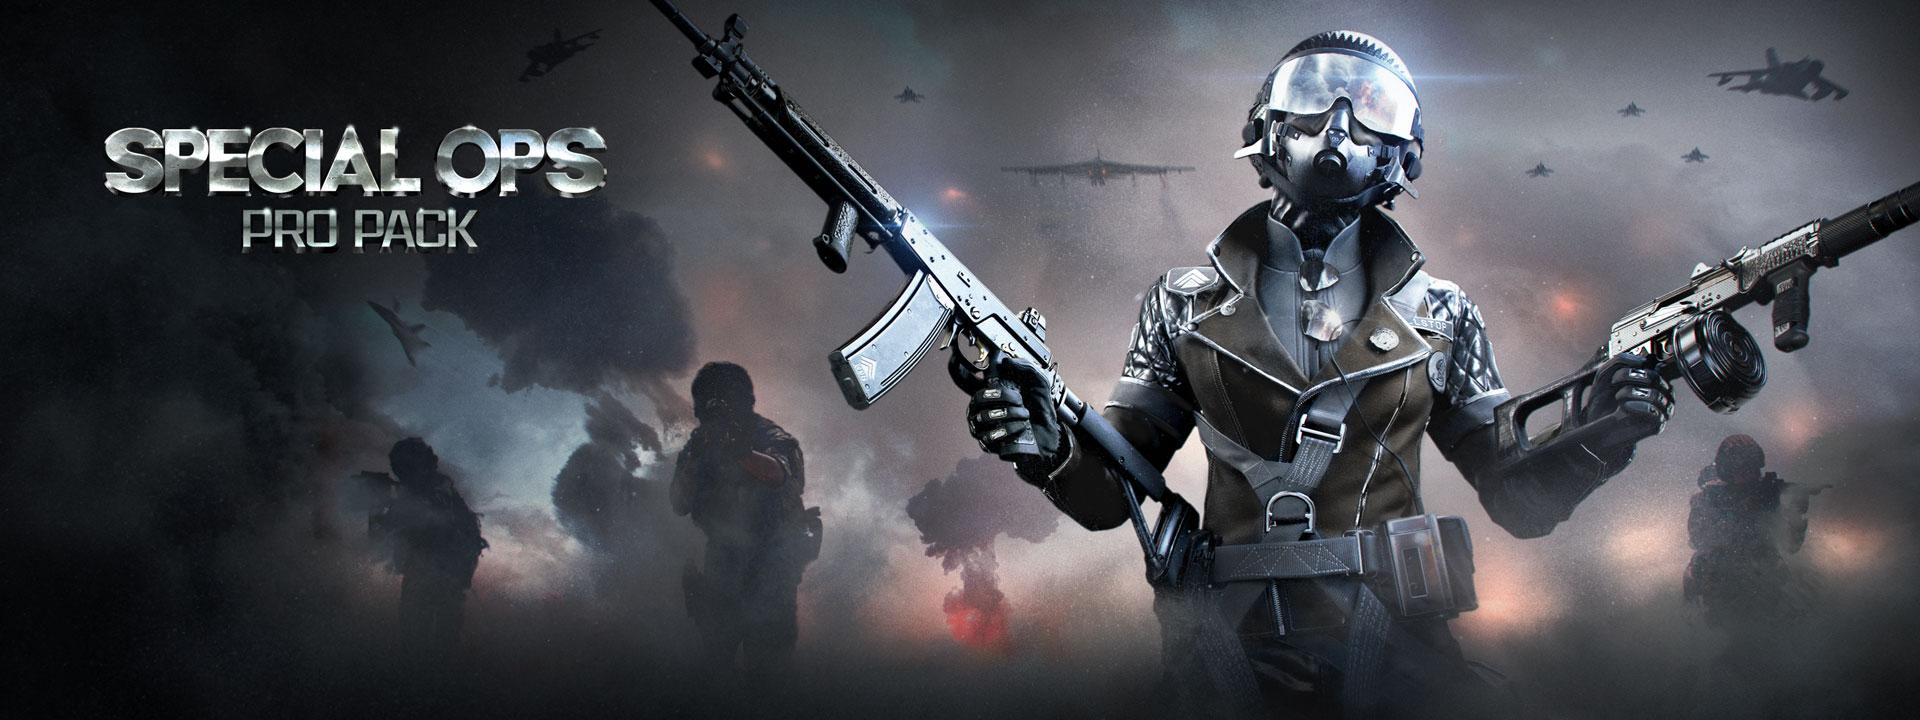 Frau, die ihre Identität hinter einer dunklen Maske verbirgt, hält zwei Sturmgewehre